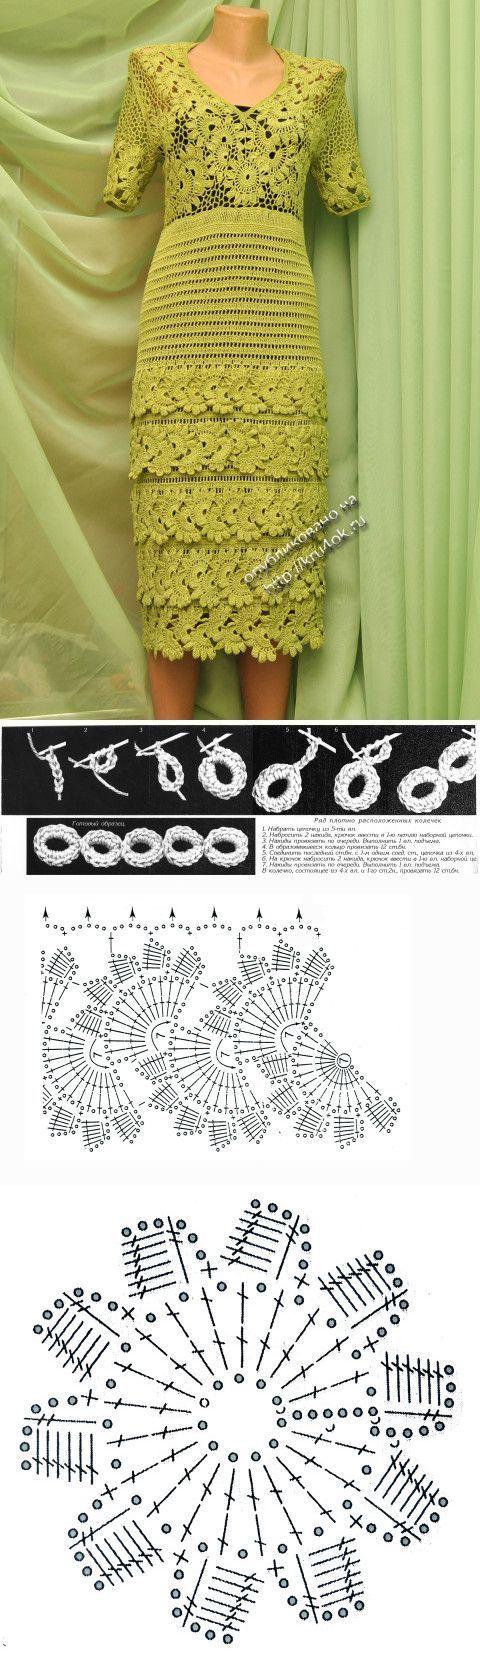 Платье Воланчики — работа Ефимии Андреевских - вязание крючком на kru4ok | crochet | Постила: